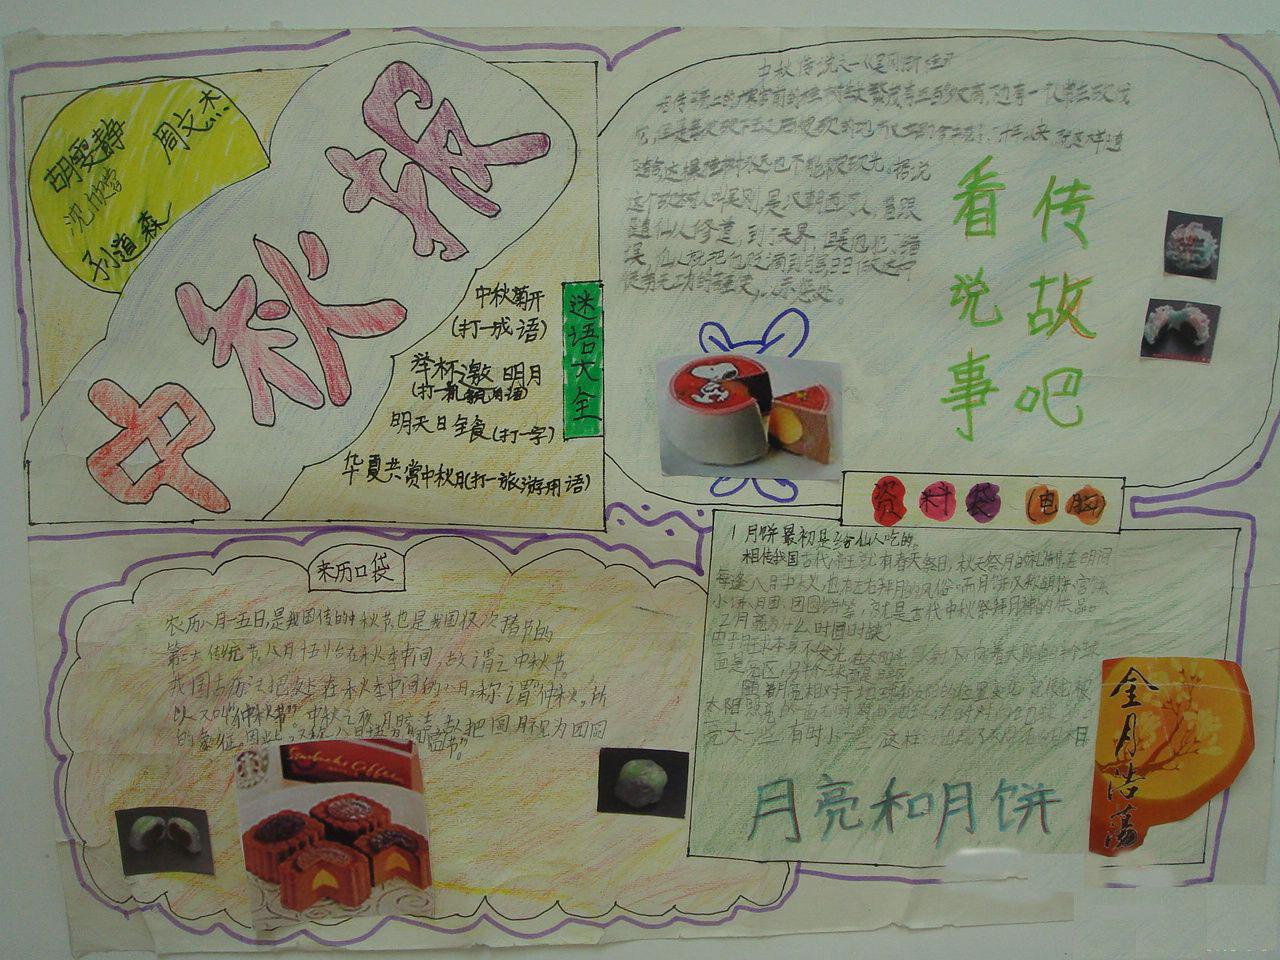 高中感恩老师手抄报版面设计图展示